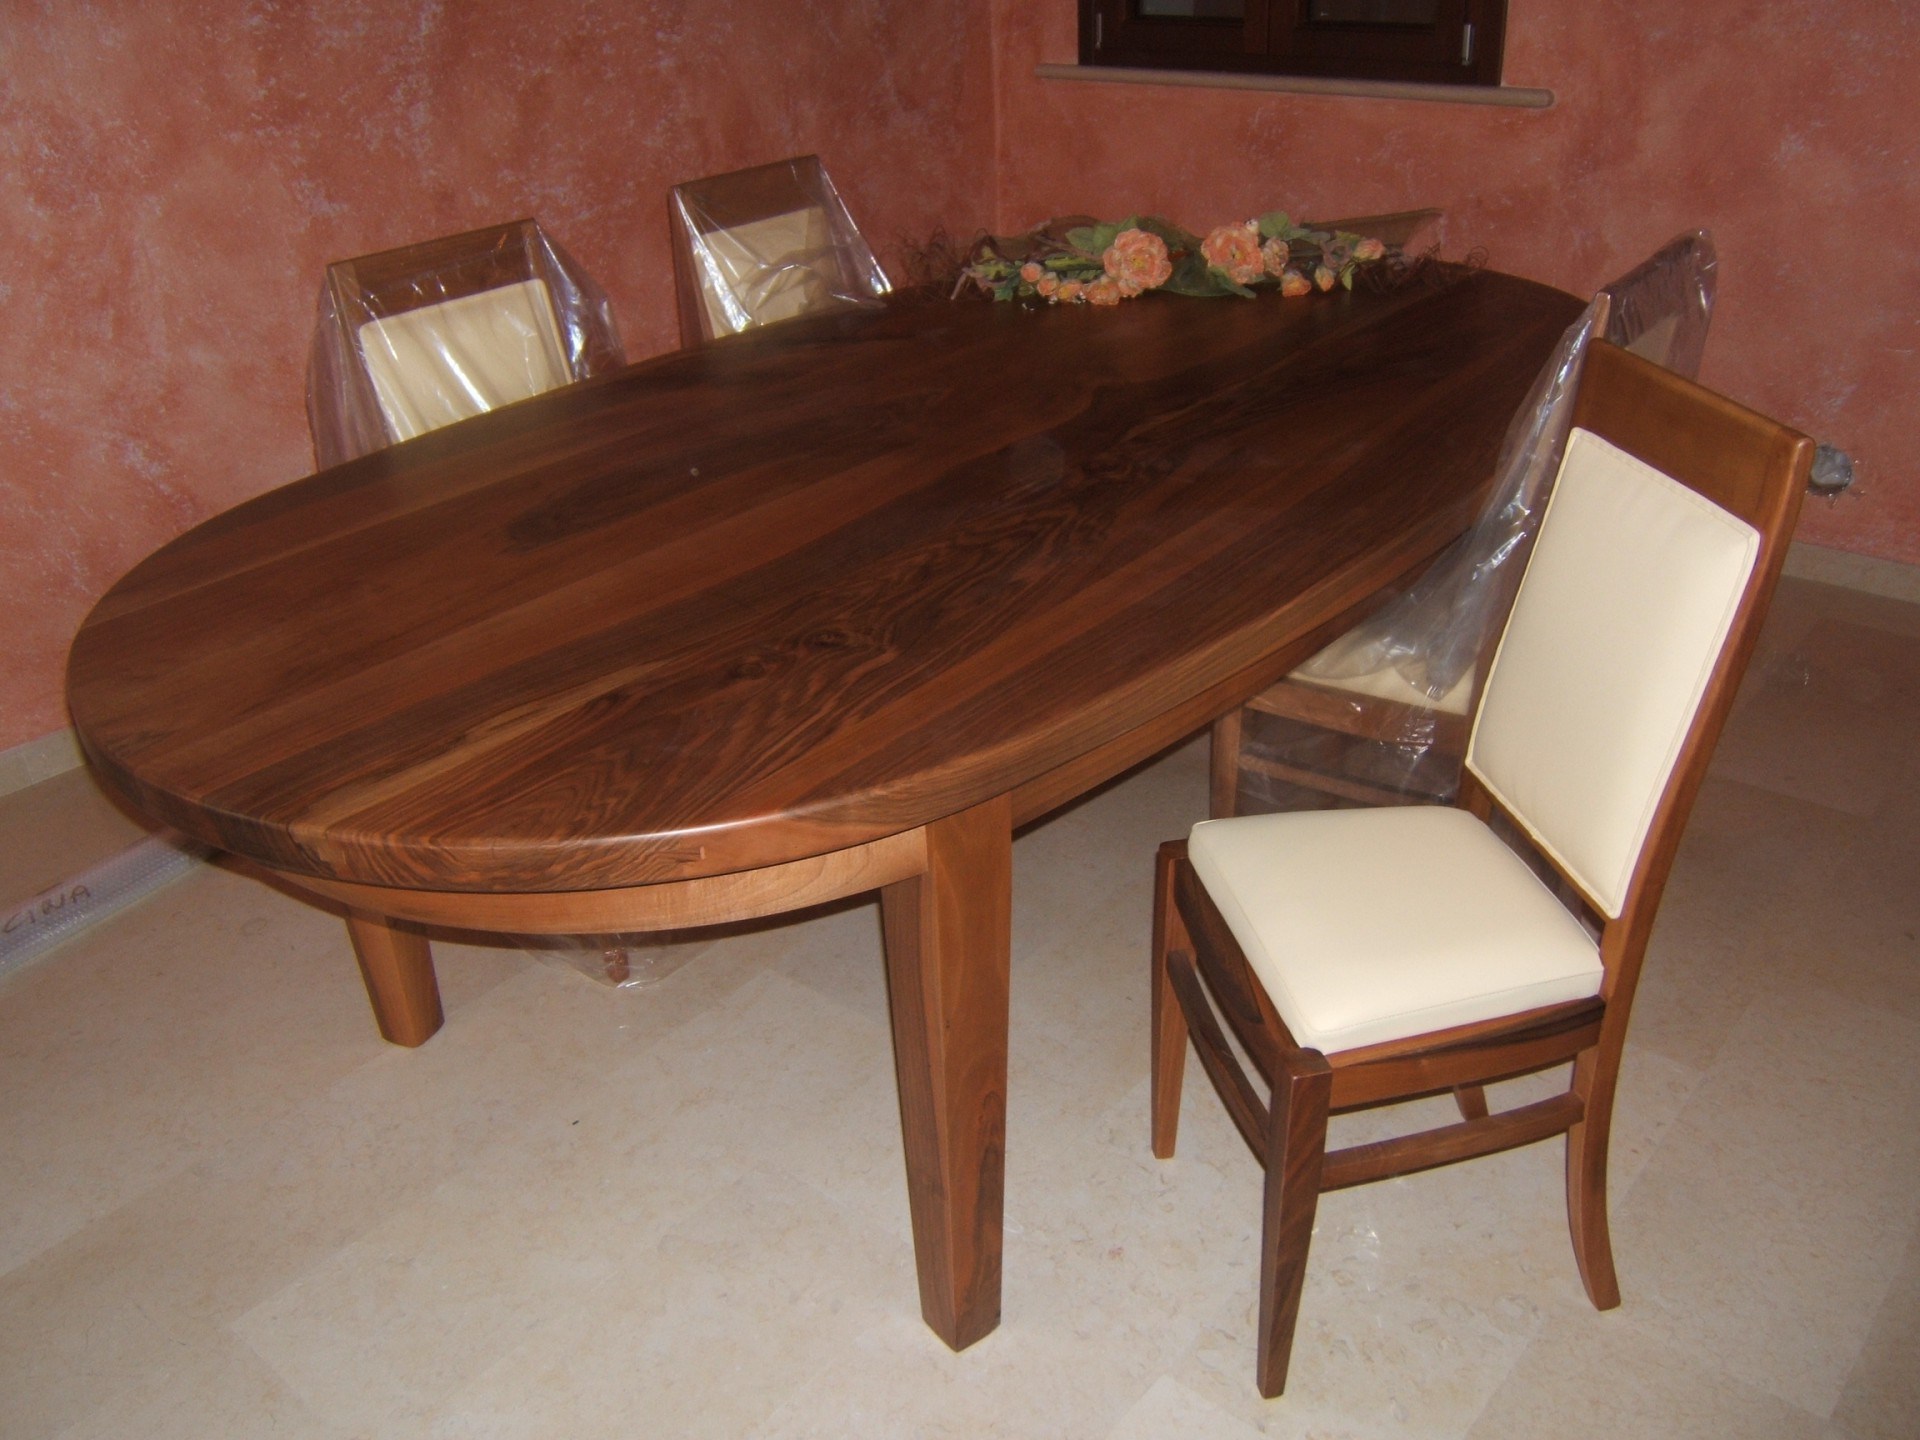 Tavoli in legno su misura fadini mobili cerea verona - Tavolo ovale cucina ...